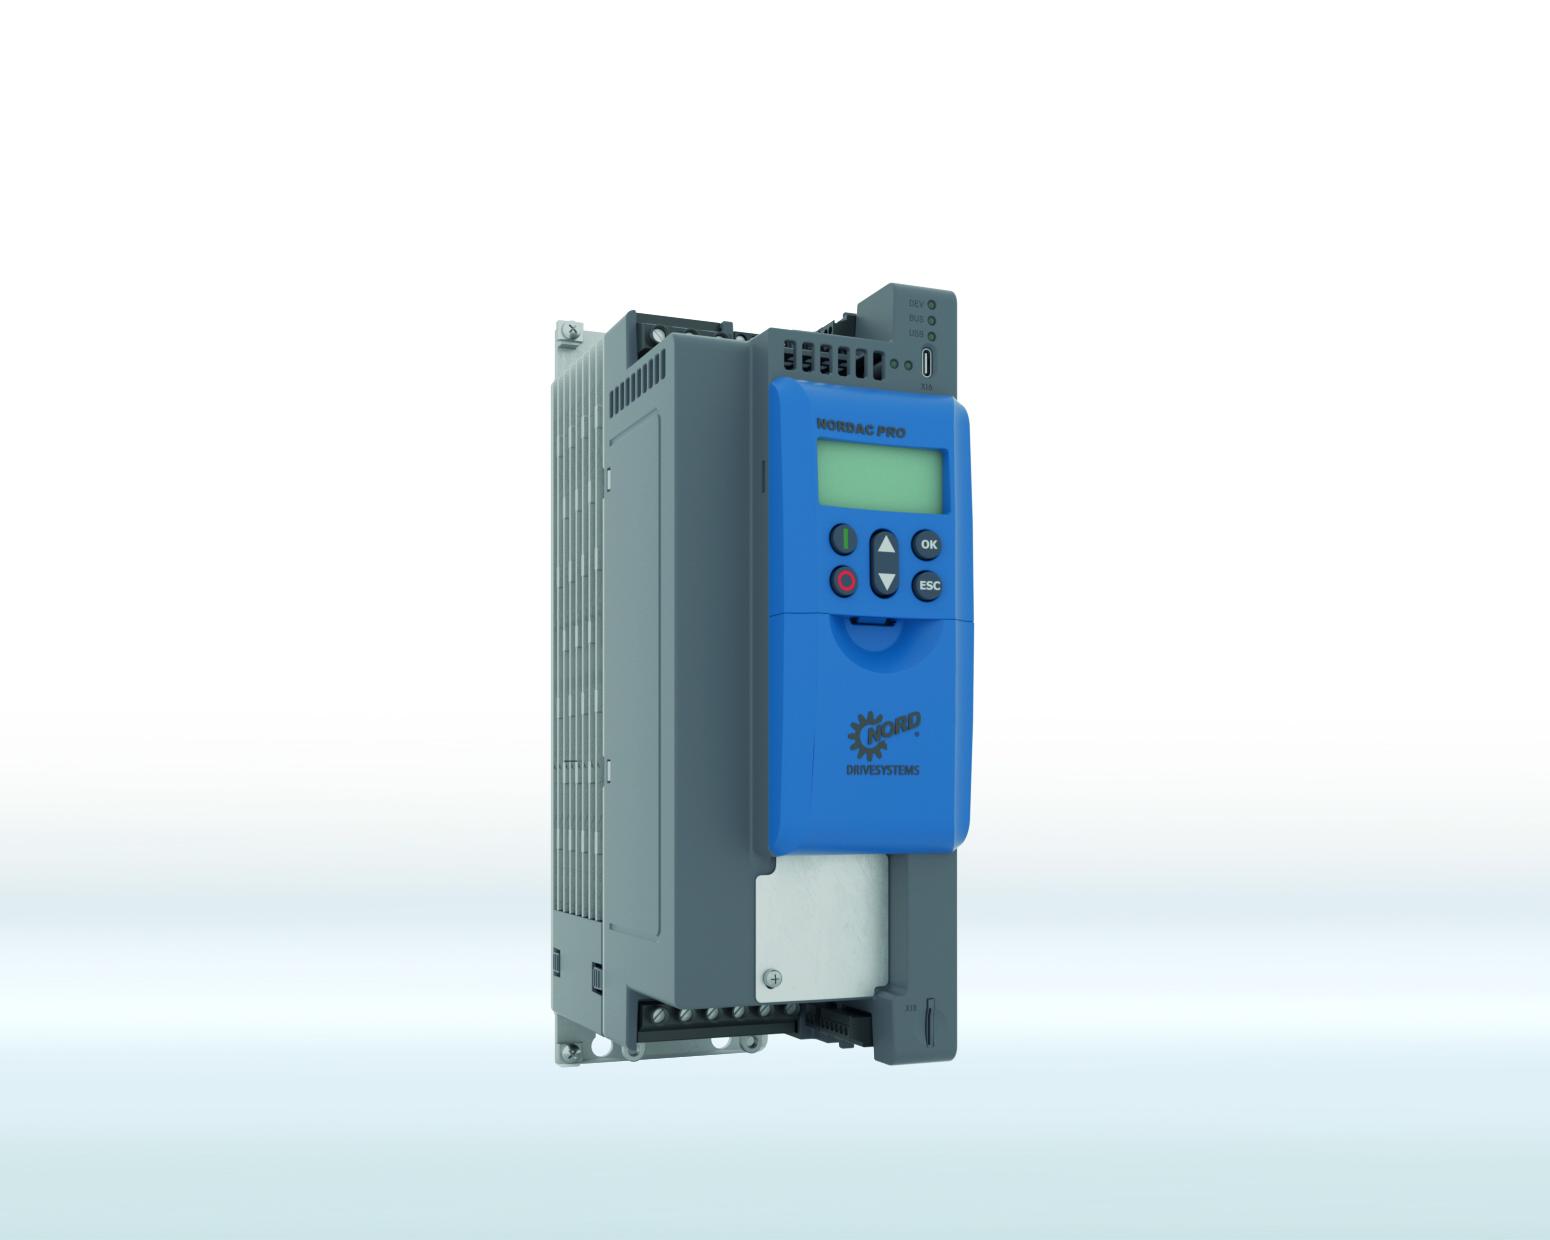 Jednym z wyróżników NORDAC PRO SK 550P jest zintegrowany multi-chip dla Ethernetu przemysłowego, który umożliwia wykorzystanie najważniejszych standardów Ethernetu czasu rzeczywistego za pośrednictwem pojedynczego interfejsu